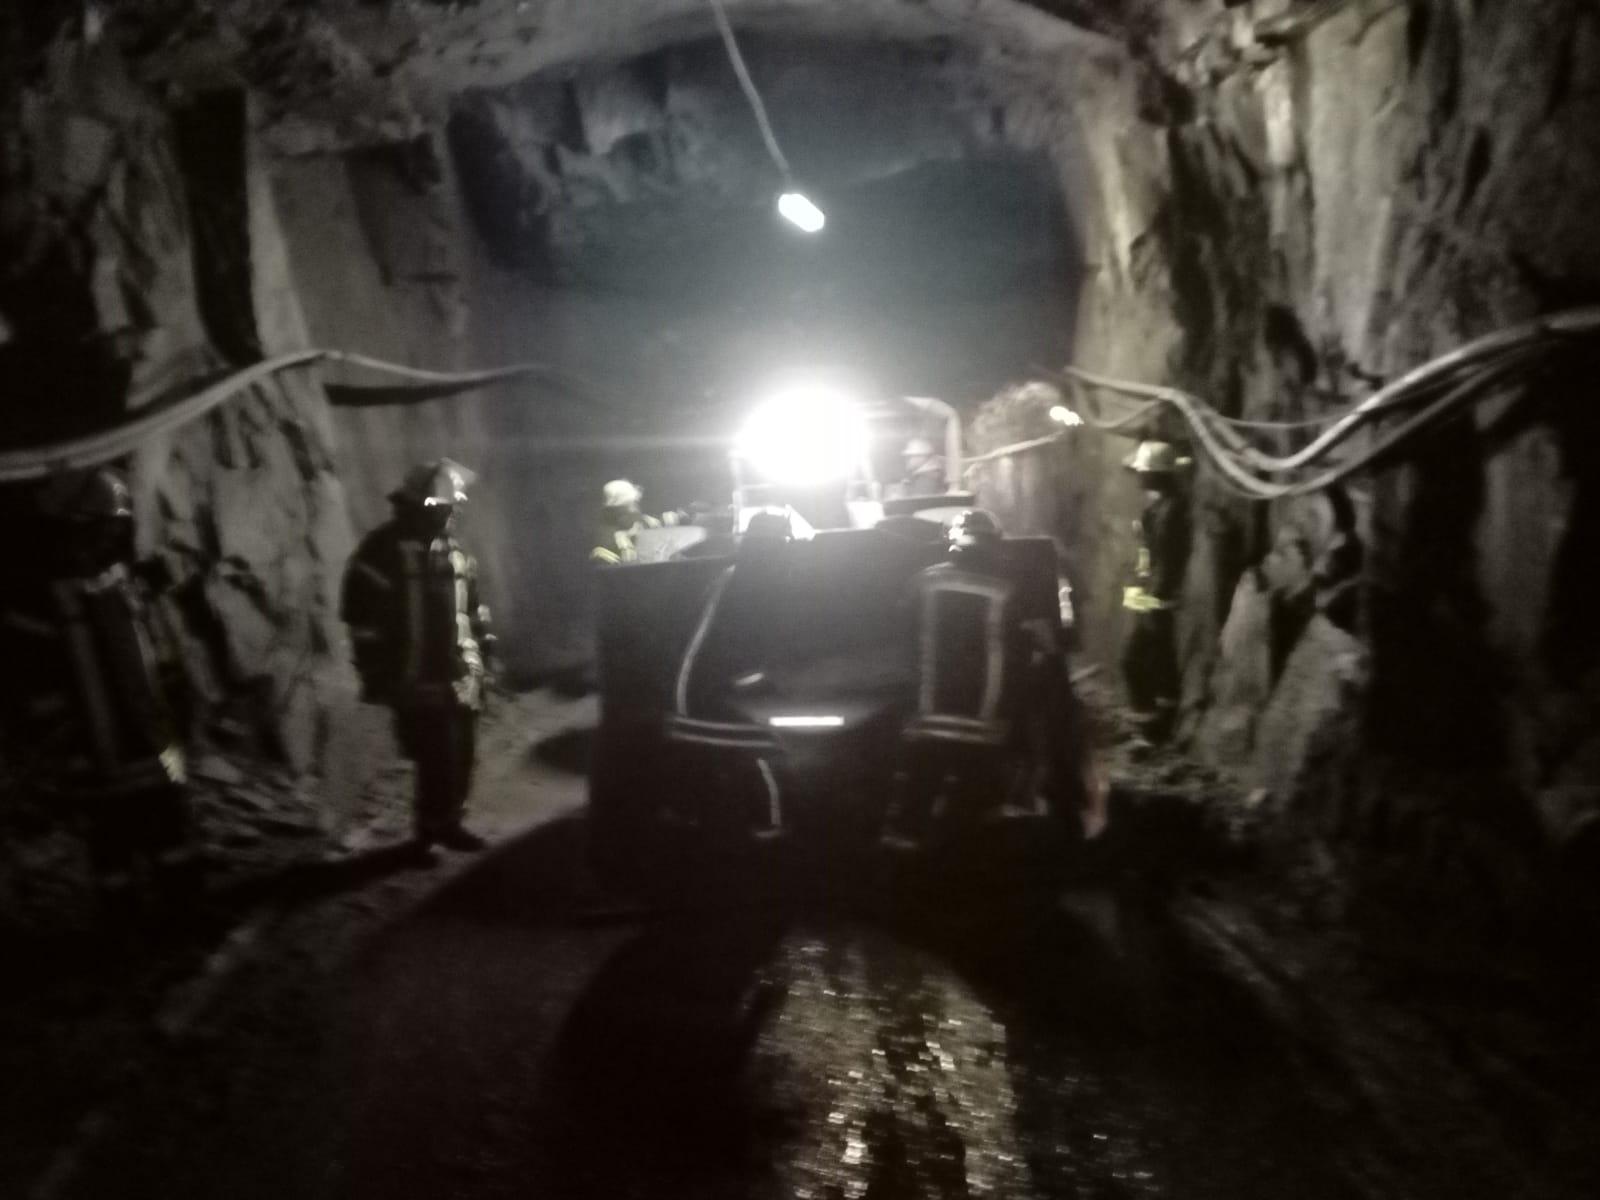 Gemeinsame Übung des Löschzuges Bad Fredeburg mit der Grubenwehr der Hauptstelle für das Grubenrettungswesen Herne